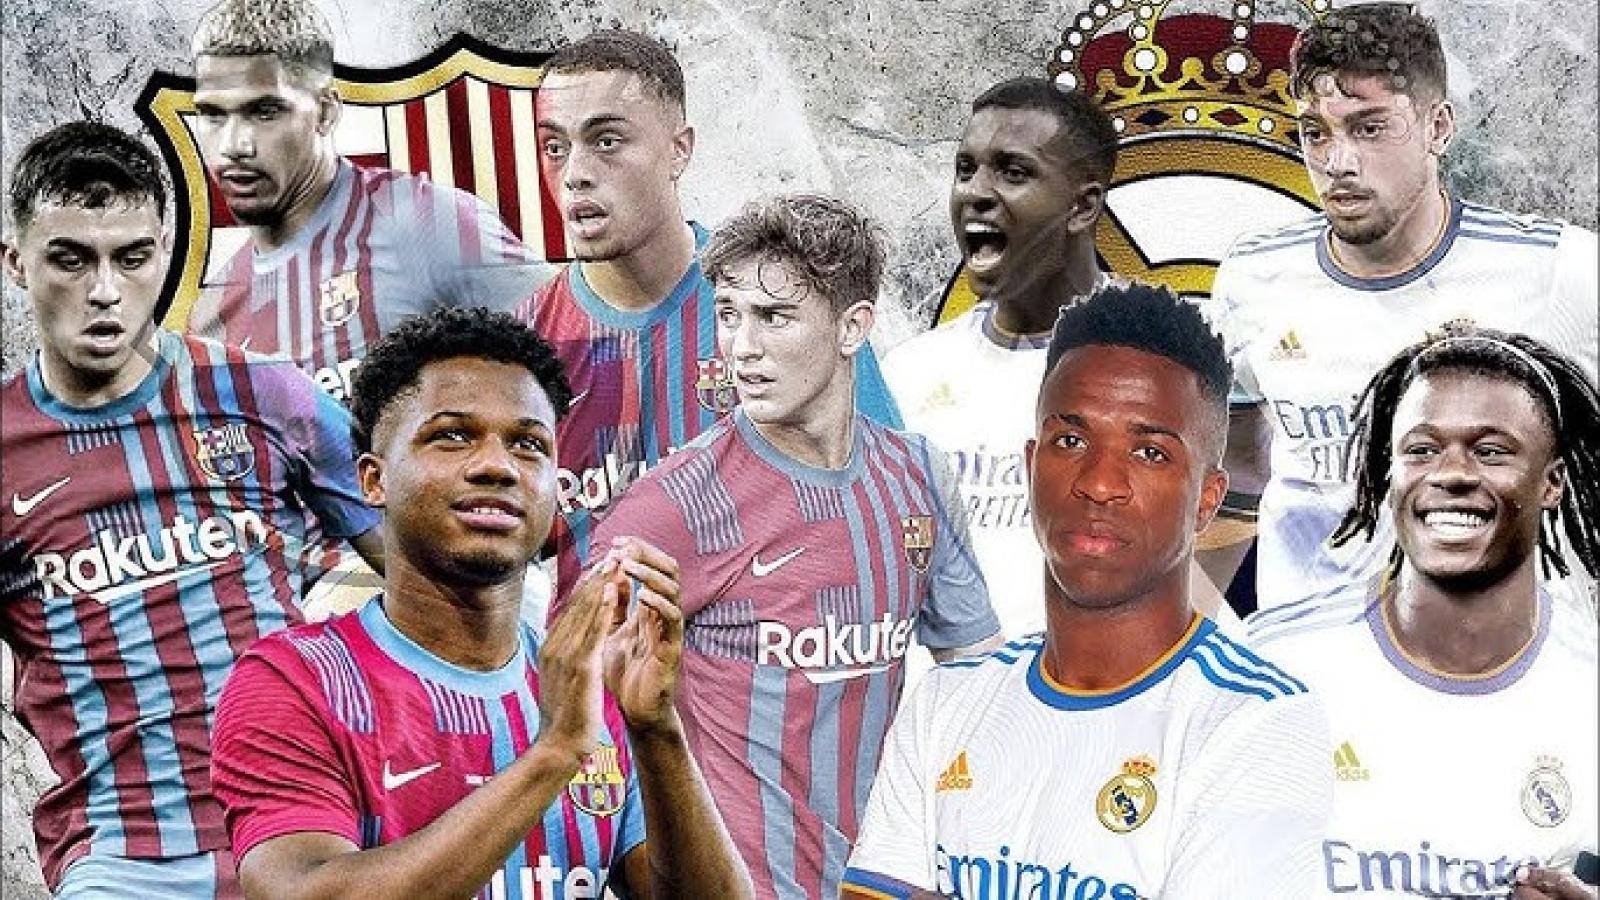 """Đội hình kết hợp lý tưởng giữa Barca và Real Madrid thời """"hậu Messi"""""""